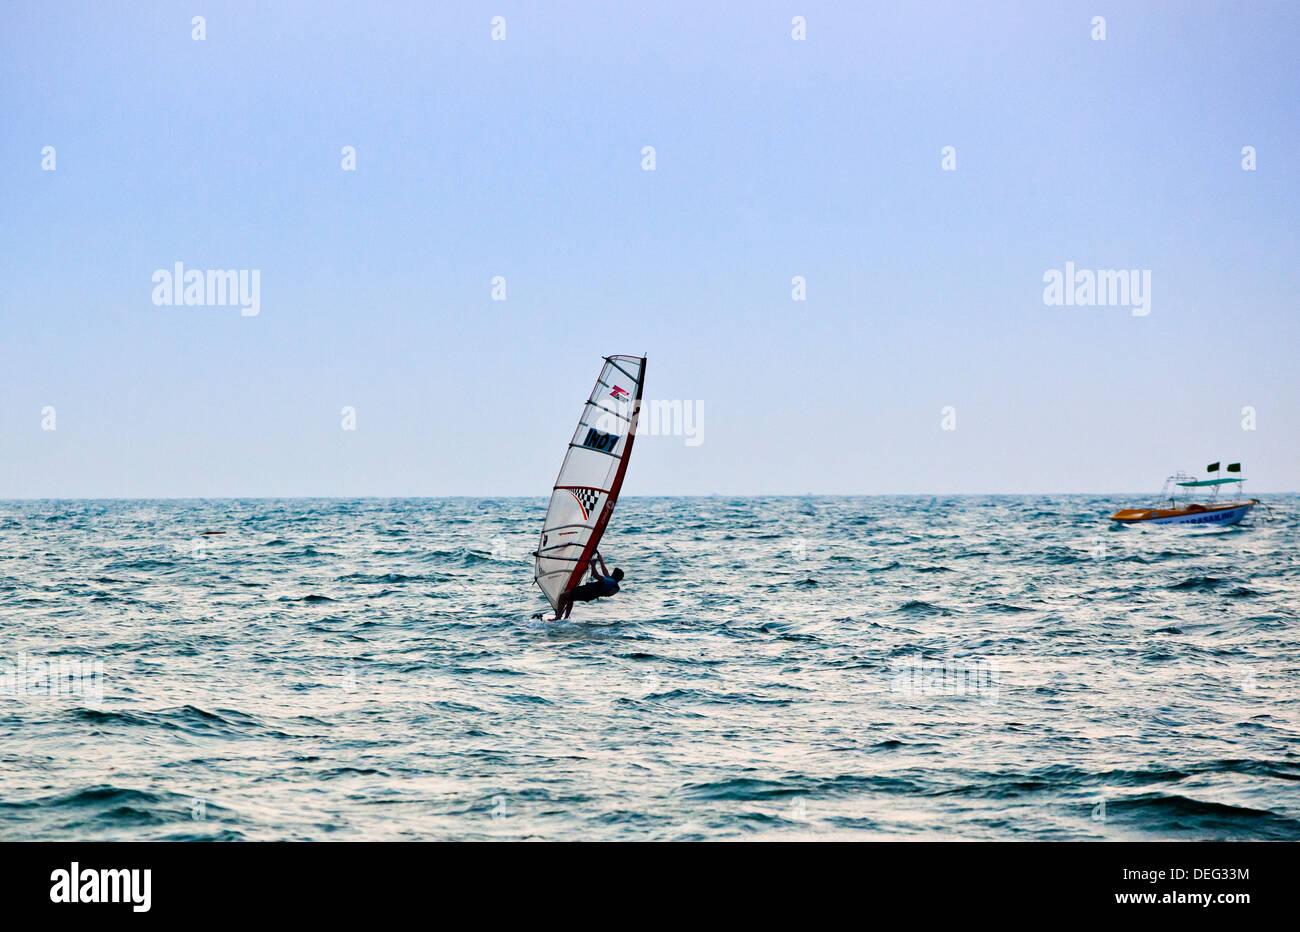 Persona wind surf nel mare, Candolim, Calangute, Bardez, Goa nord, Goa, India Immagini Stock